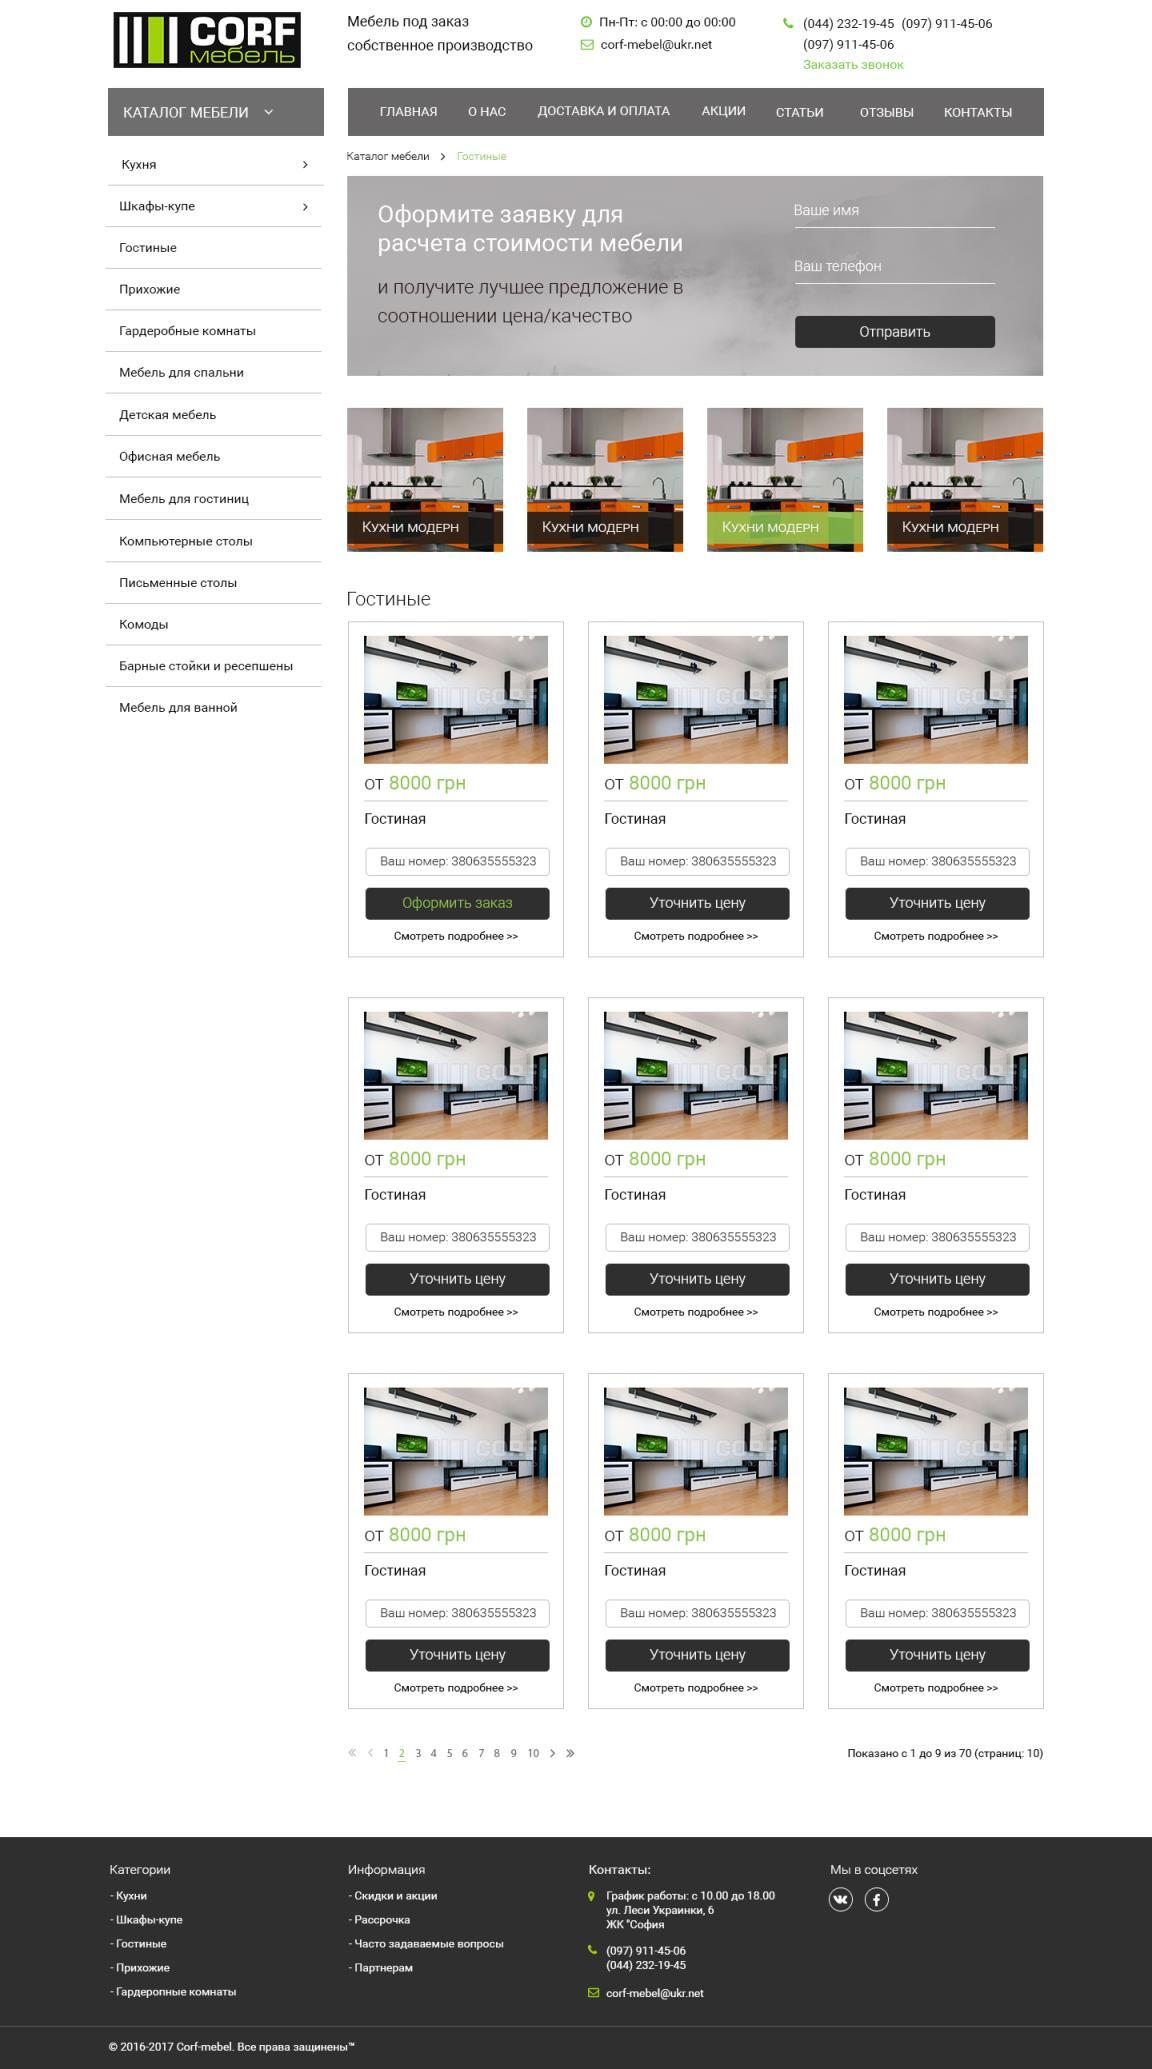 Страница каталога сайта по продажи мебели